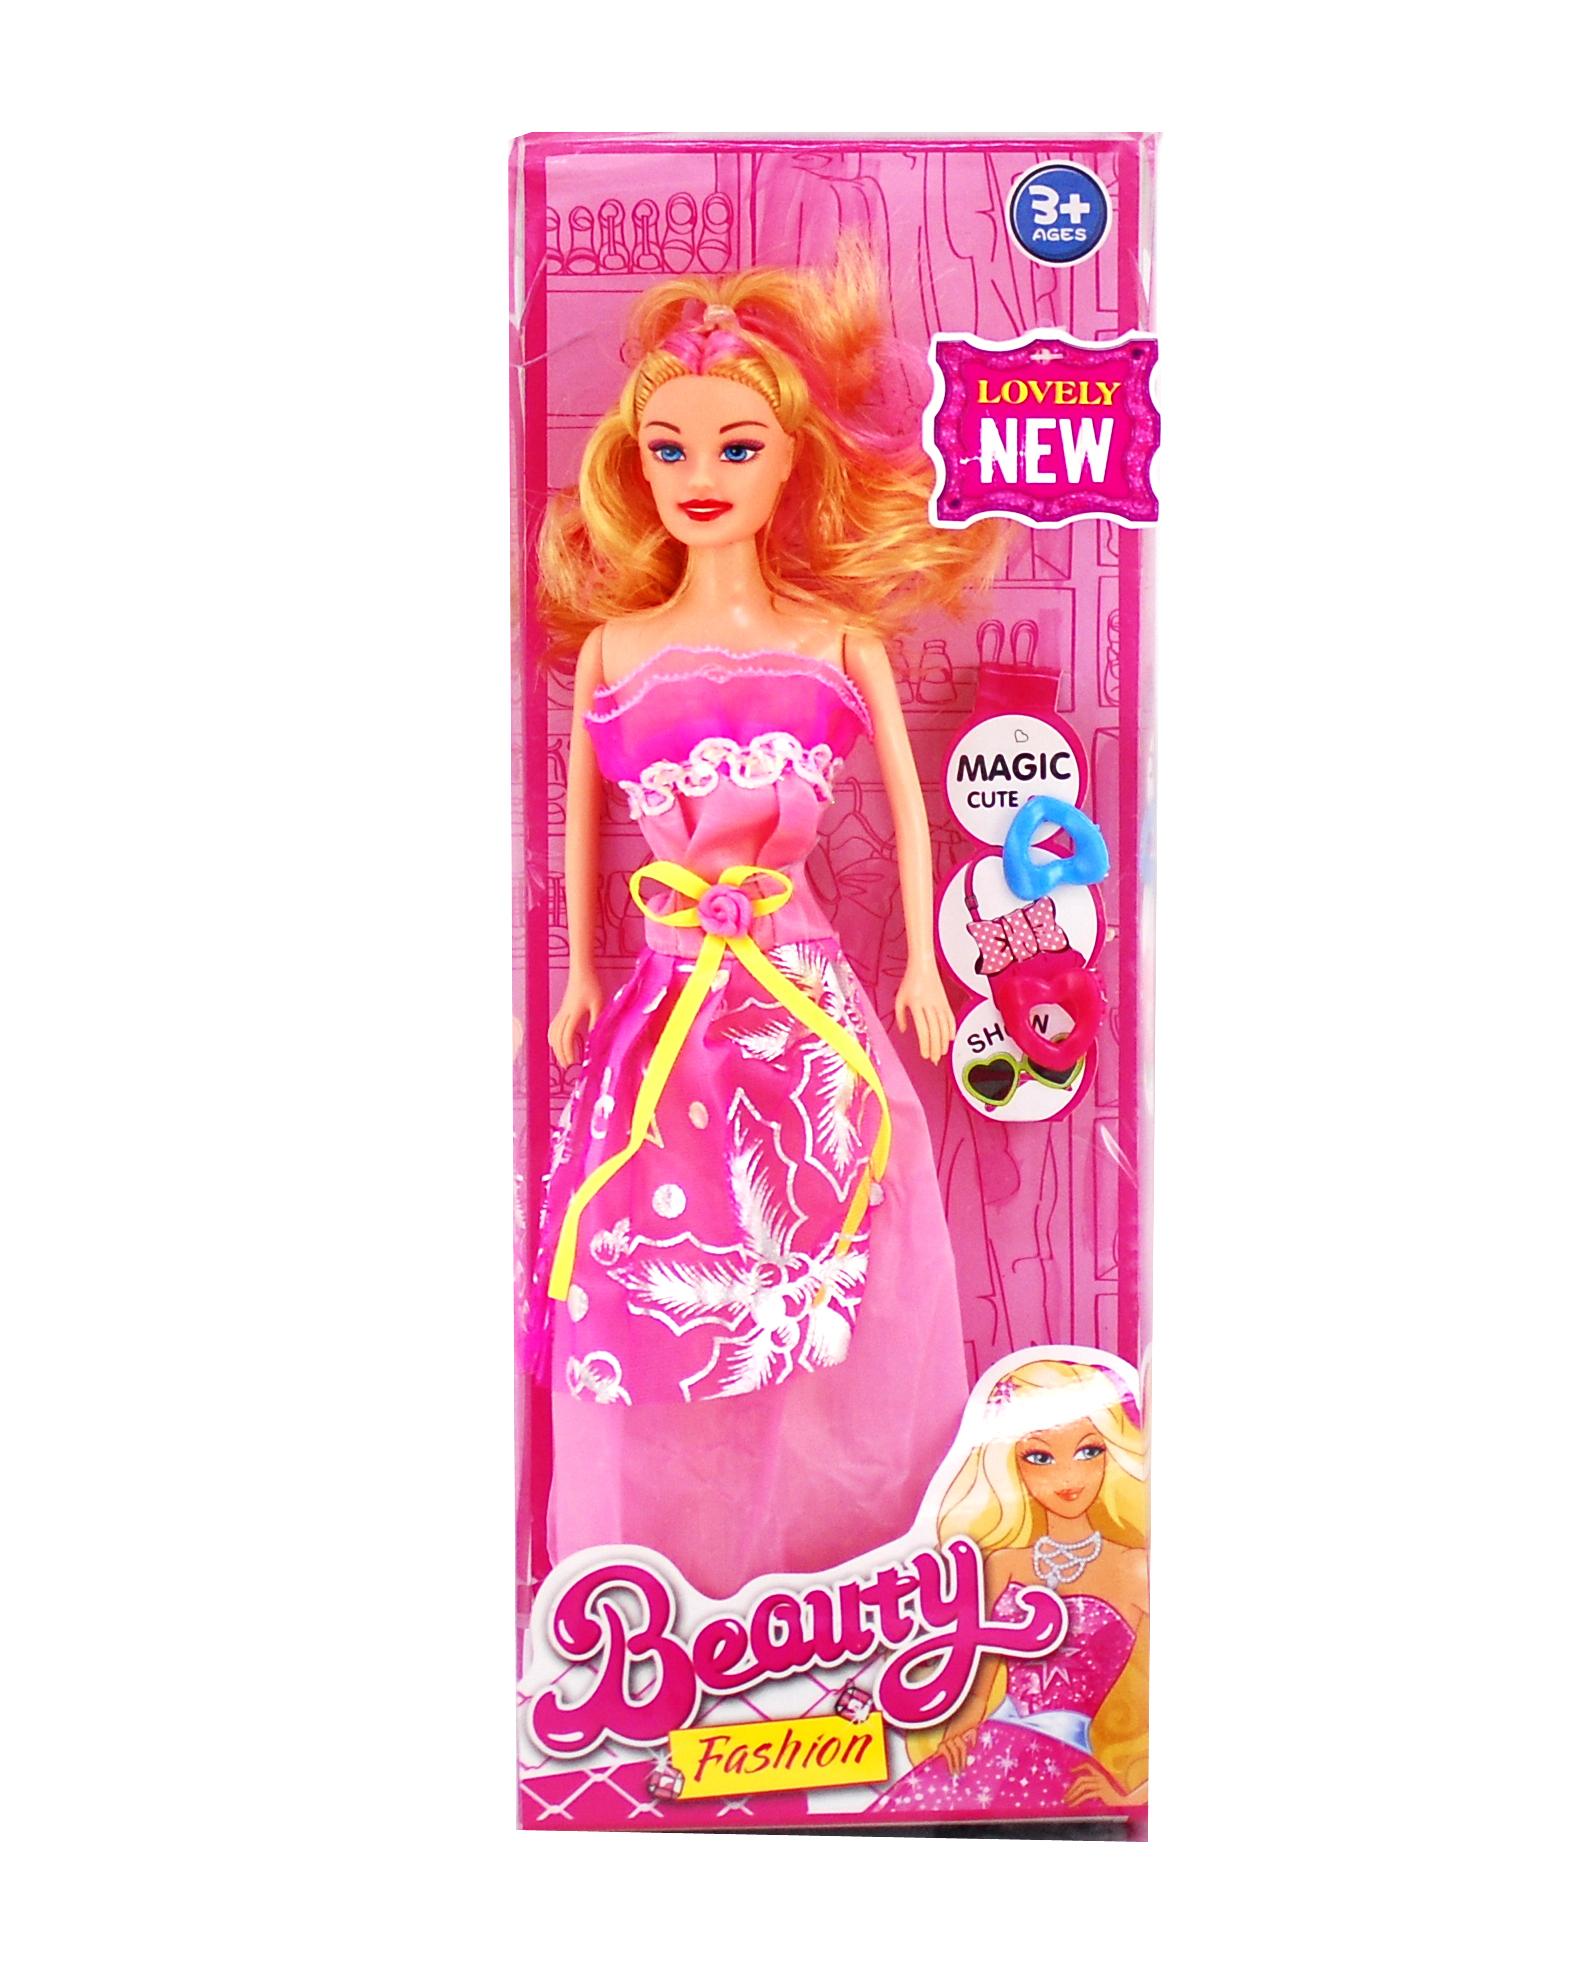 Papusa cu rochita roz si accesorii pentru par - beauty fashion